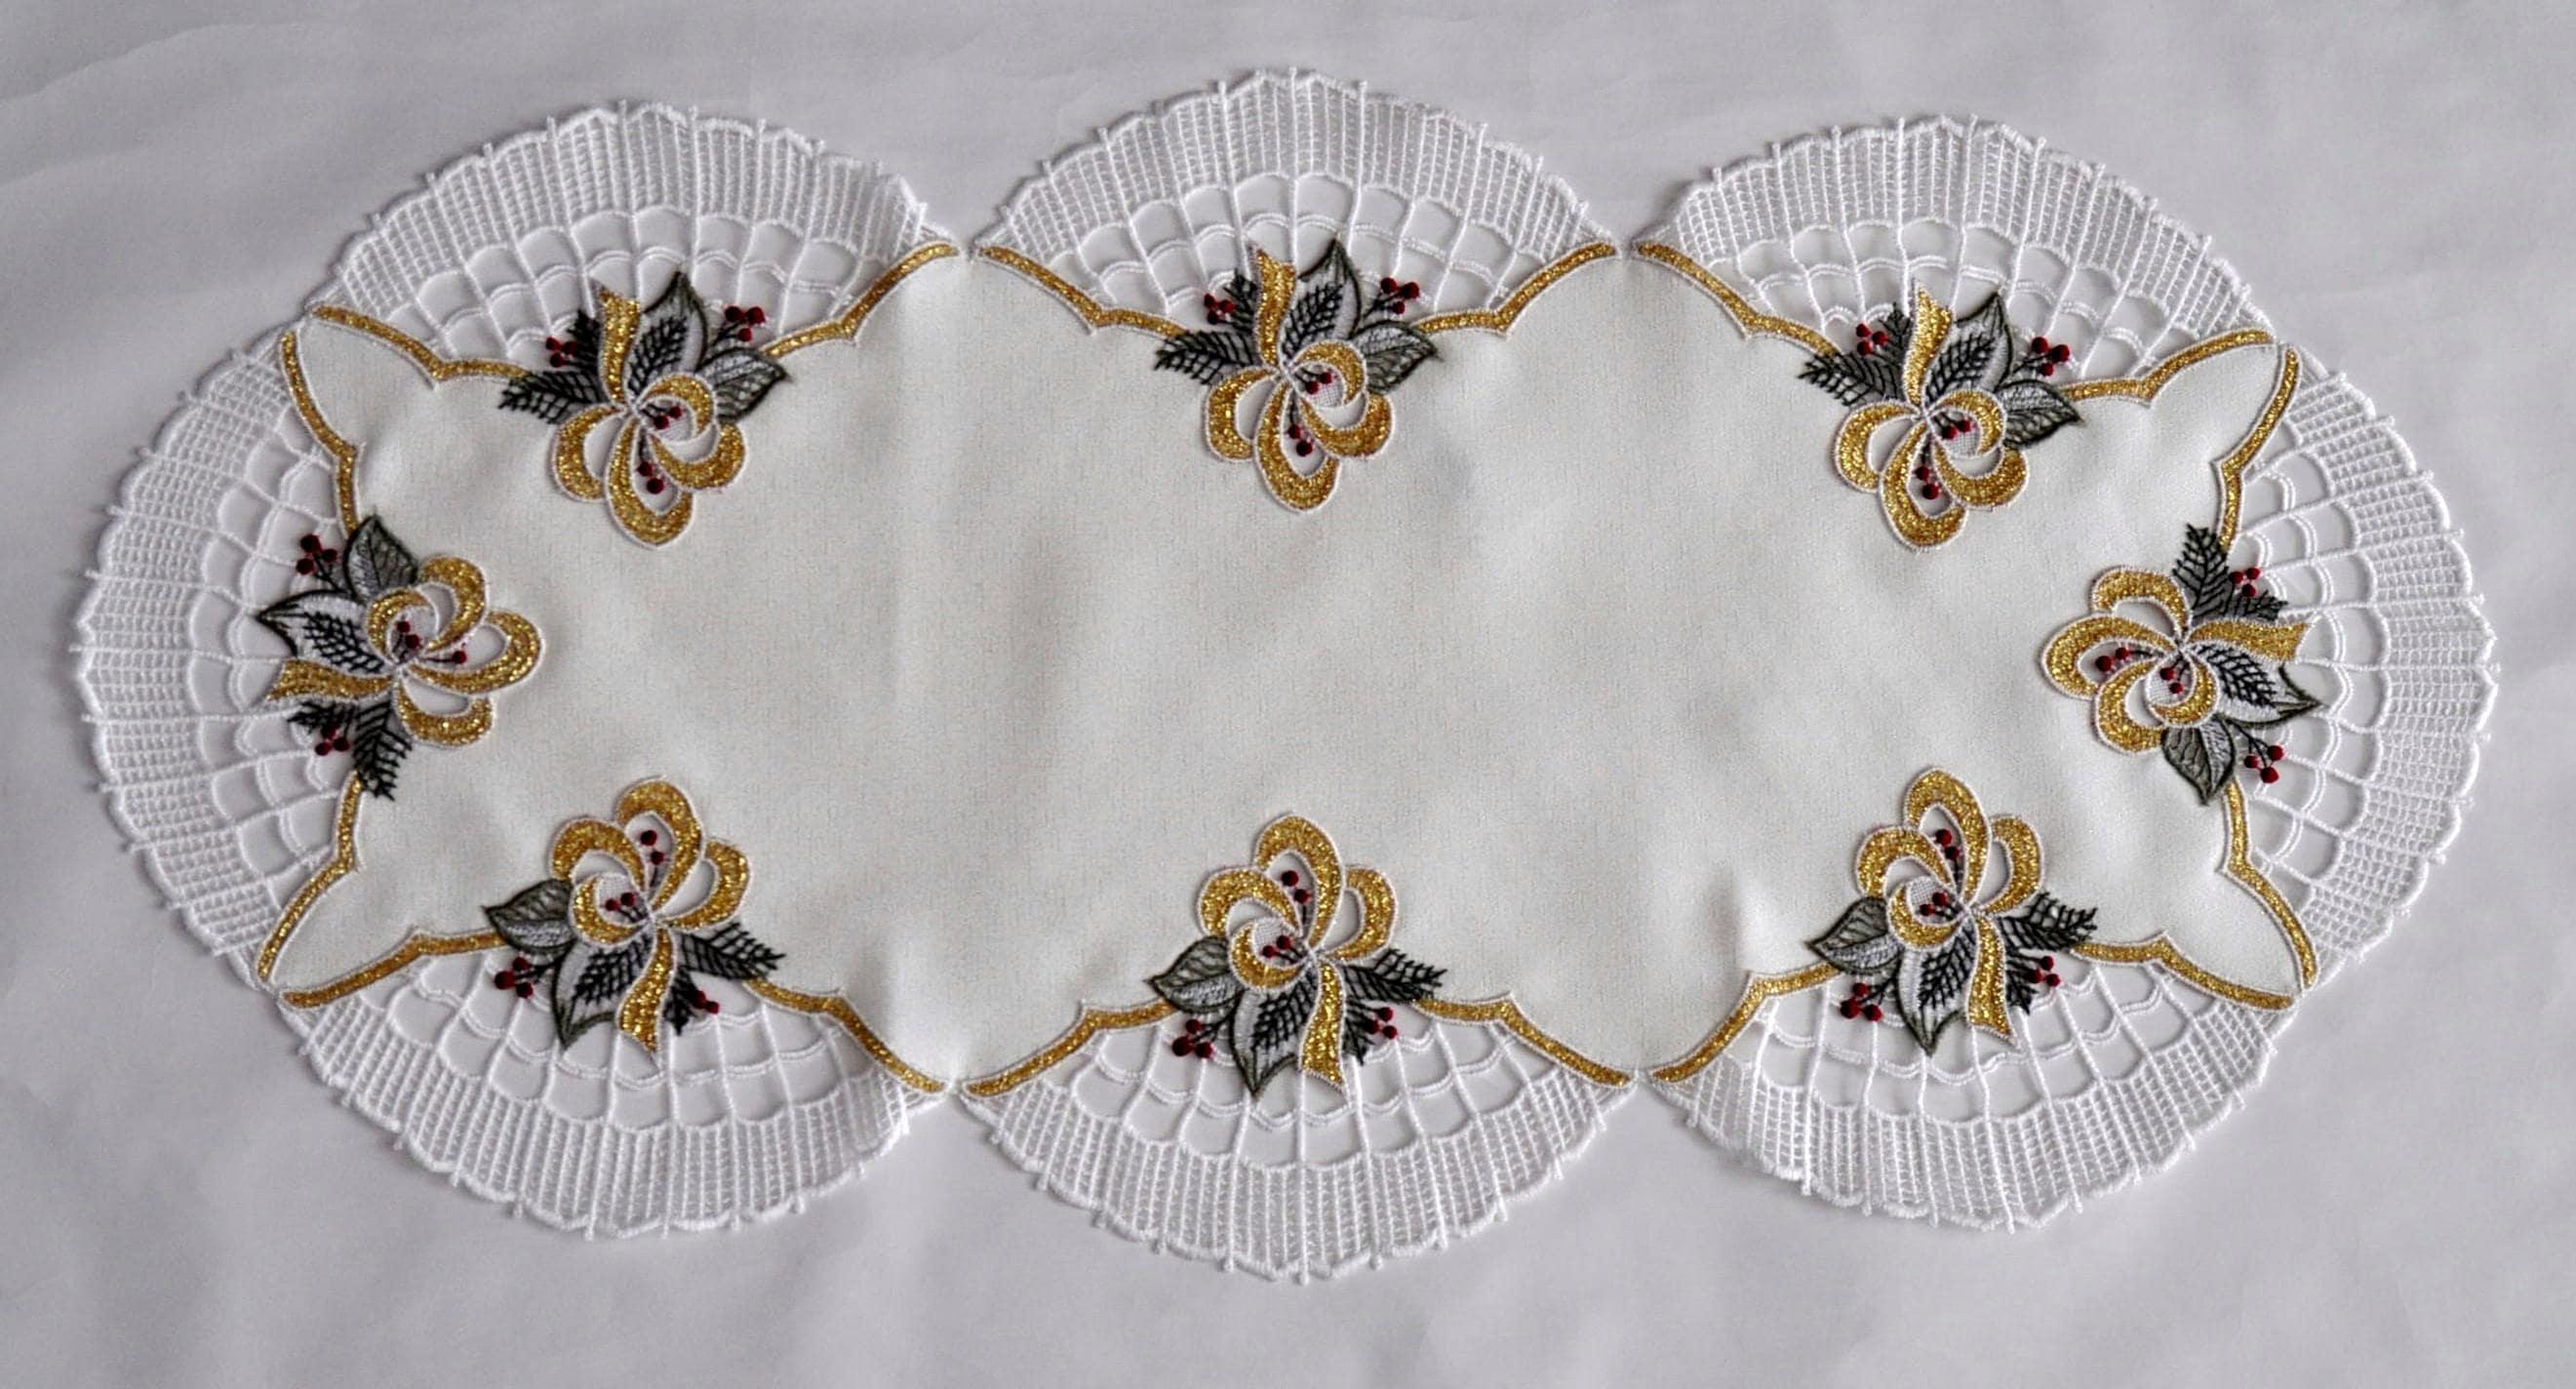 Tischdecke Glockenzauber Stickereien Plauen